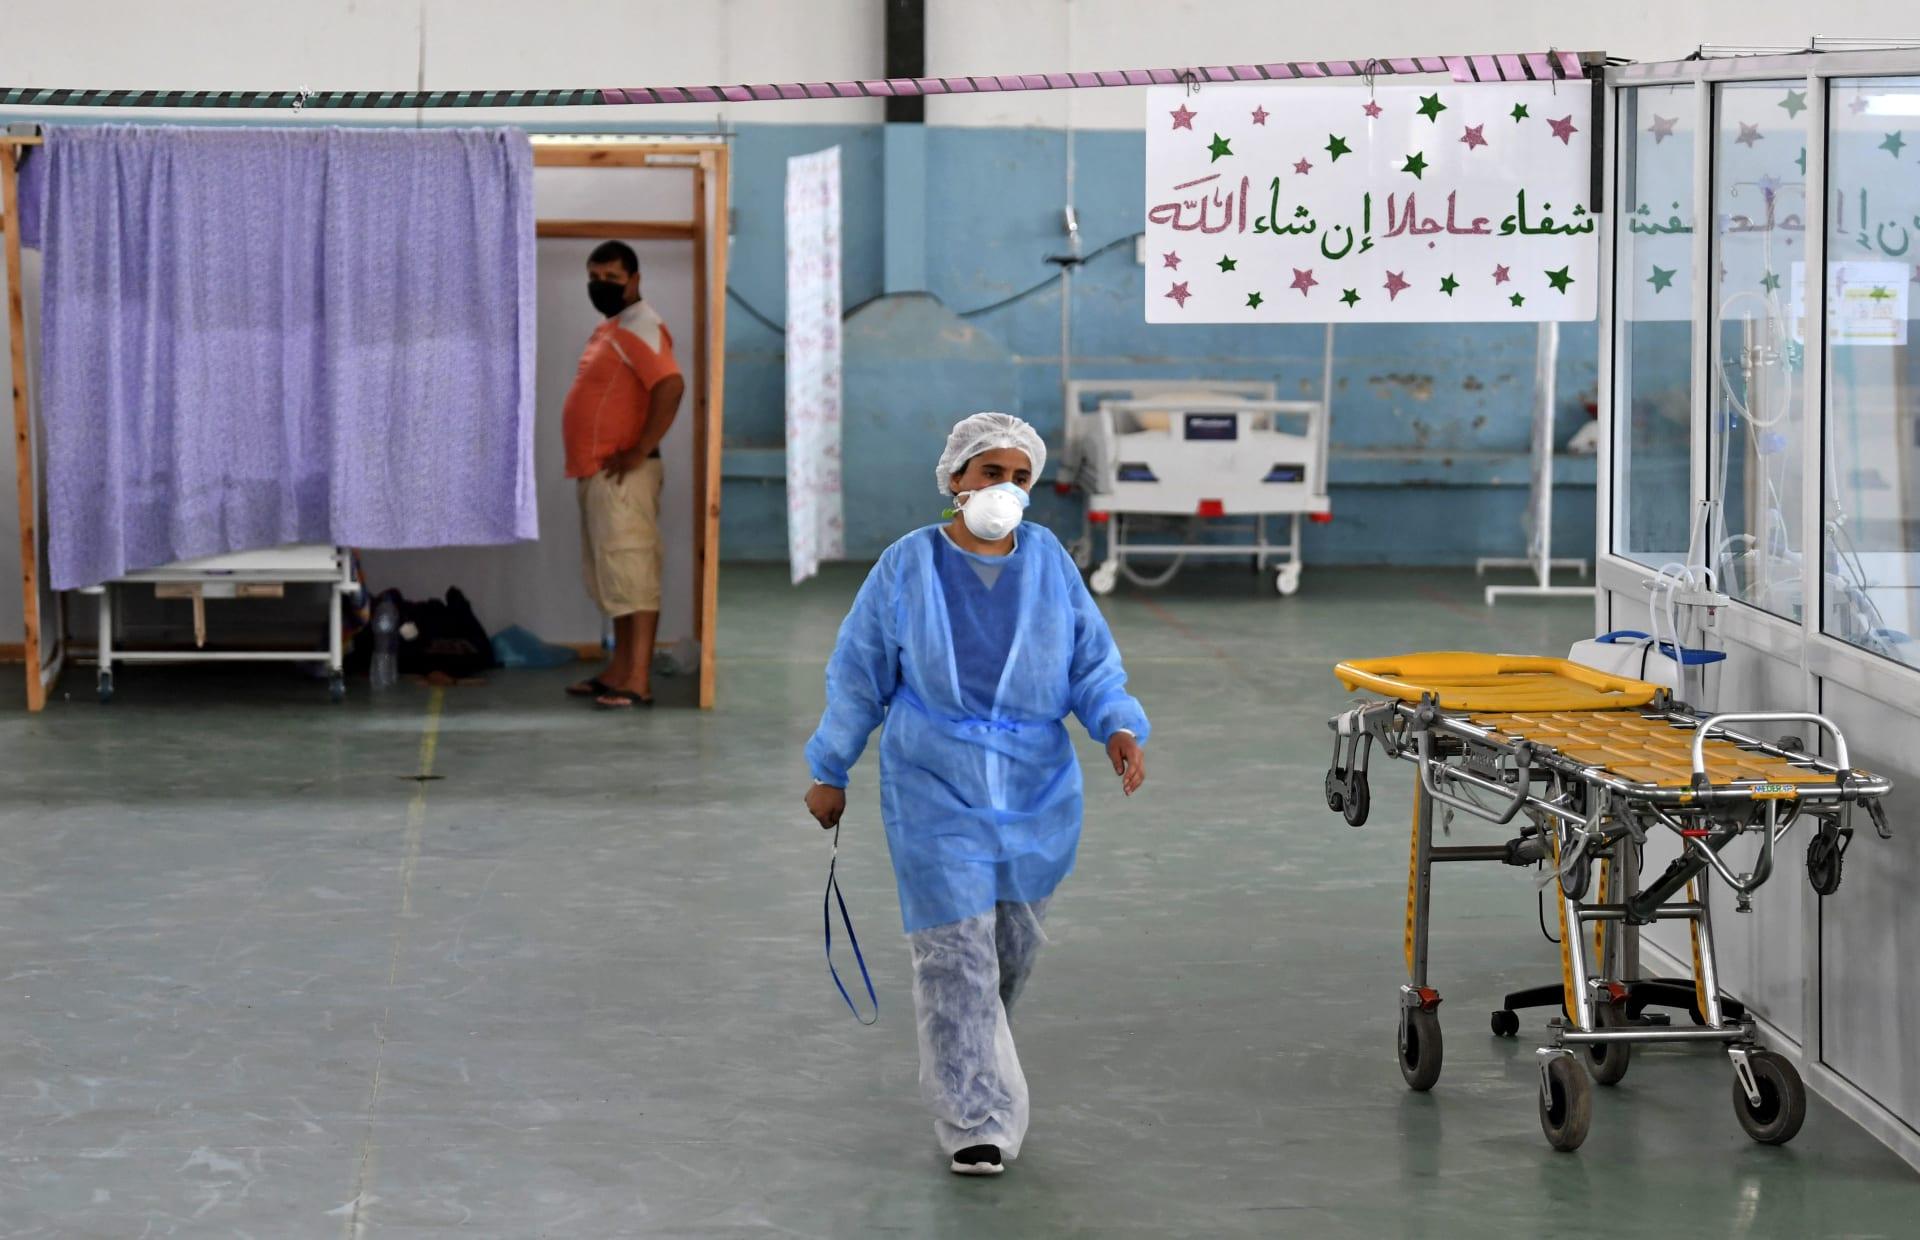 طبيبة تونسية تعتني بمريض في صالة ألعاب رياضية تم تحويلها للتعامل مع زيادة في الإصابات الجديدة بكوفيد -19 في مدينة القيروان شرق وسط البلاد في 4 يوليو 2021.